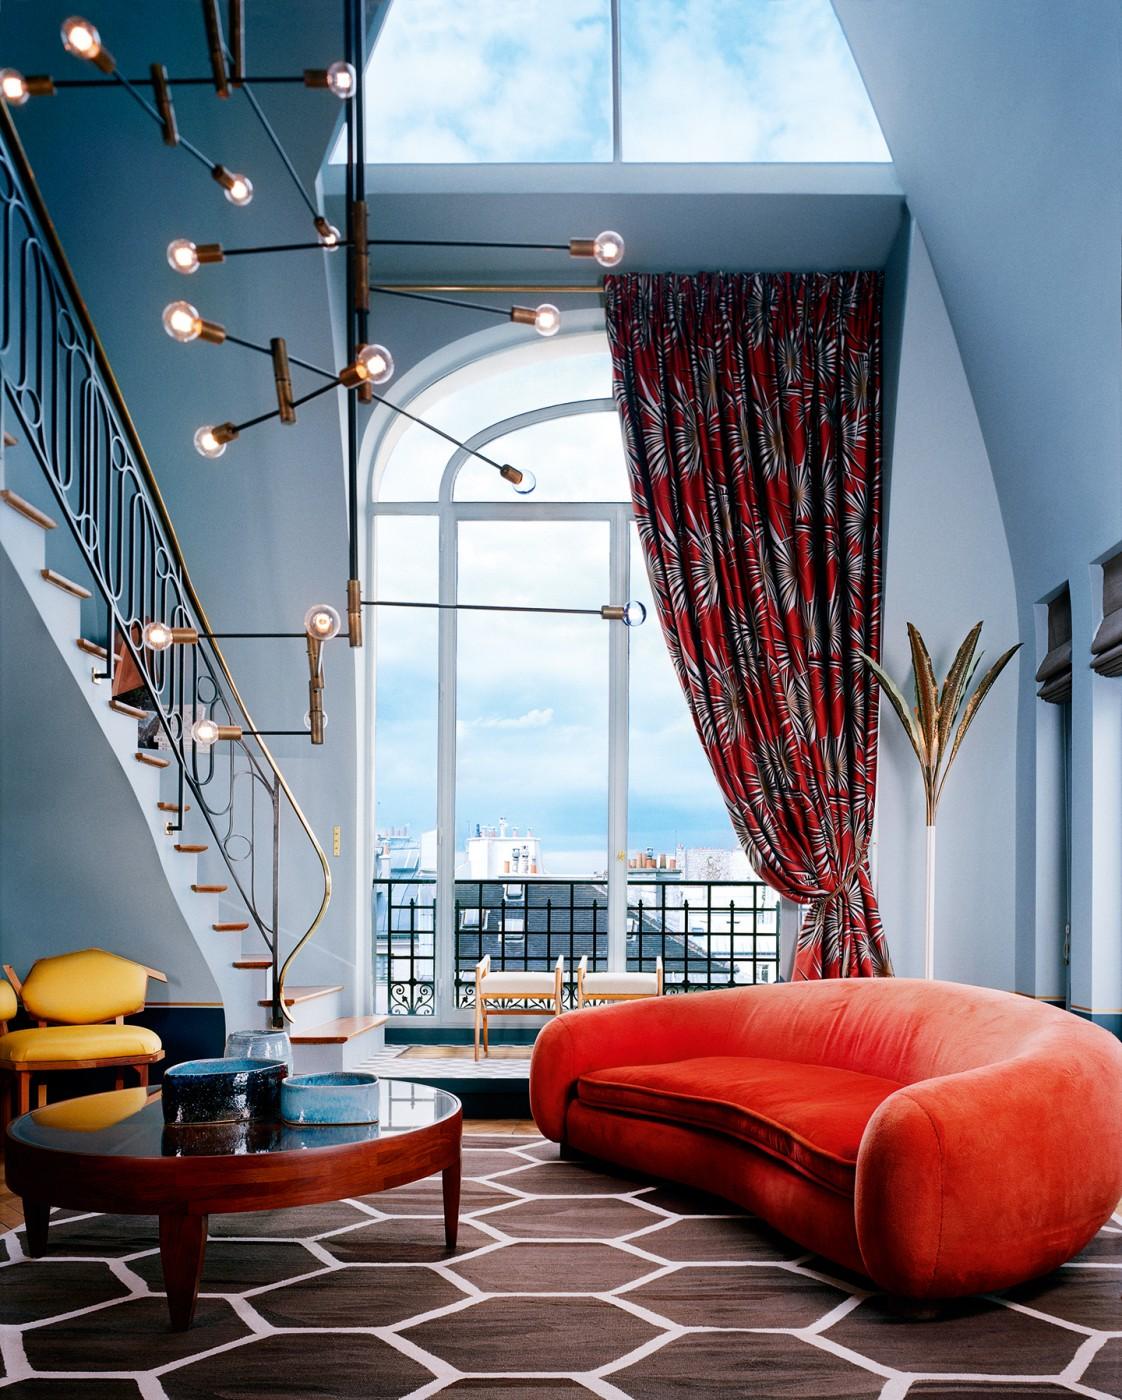 Paris Saint Germain apartment interiors designed by DimoreStudio